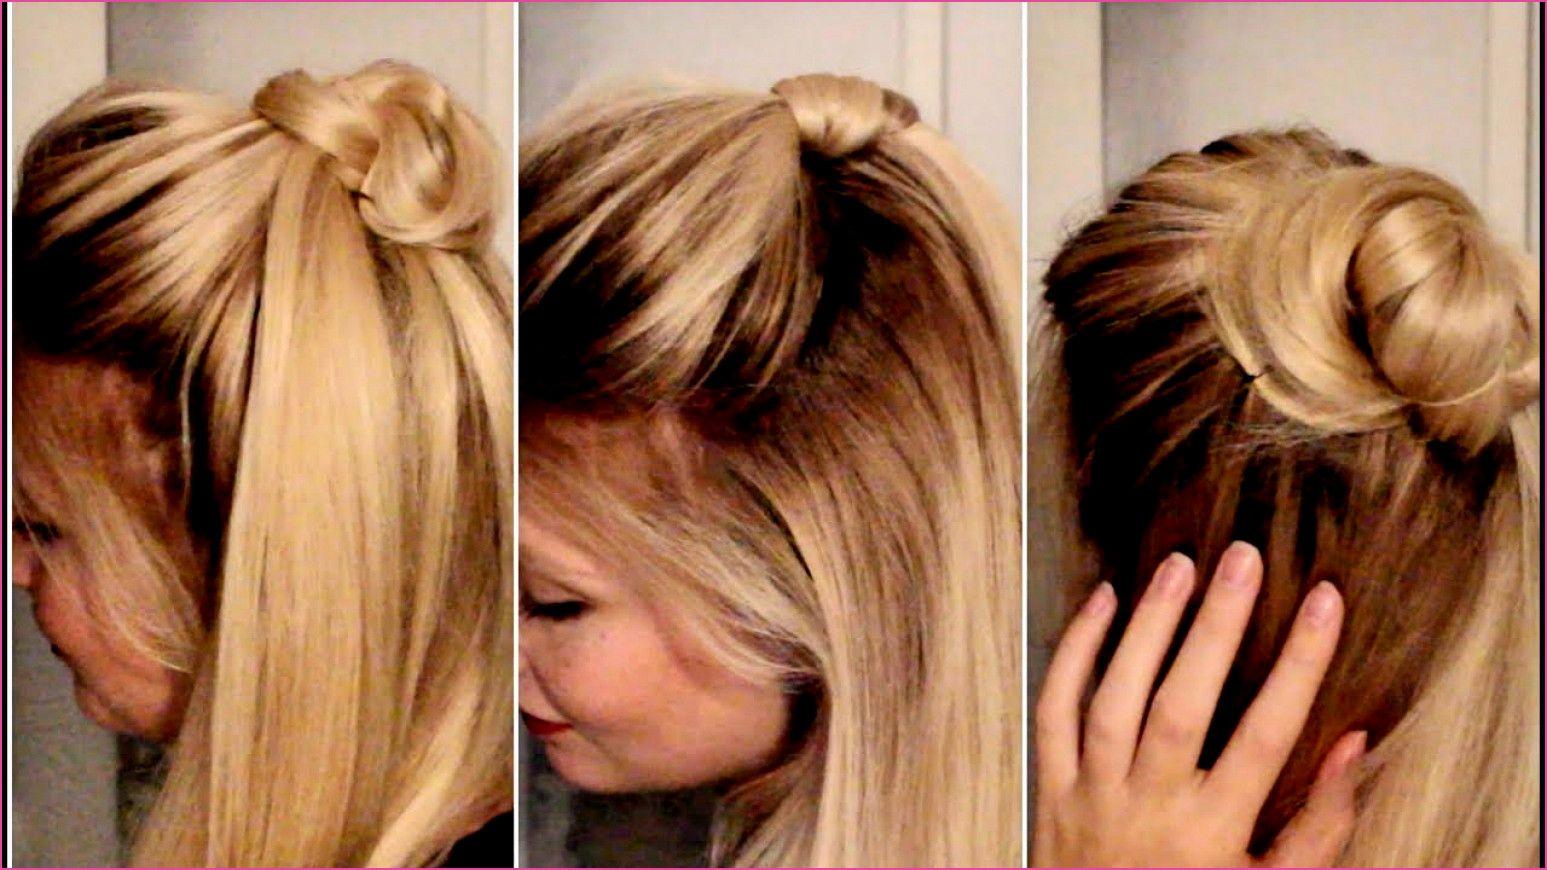 Schnelle Einfache Frisuren Youtube Schnelle Einfache Frisuren Youtube Schnelle Einf Frisuren Frisur Hochgesteckt Frisuren Lange Haare Hochzeitsgast